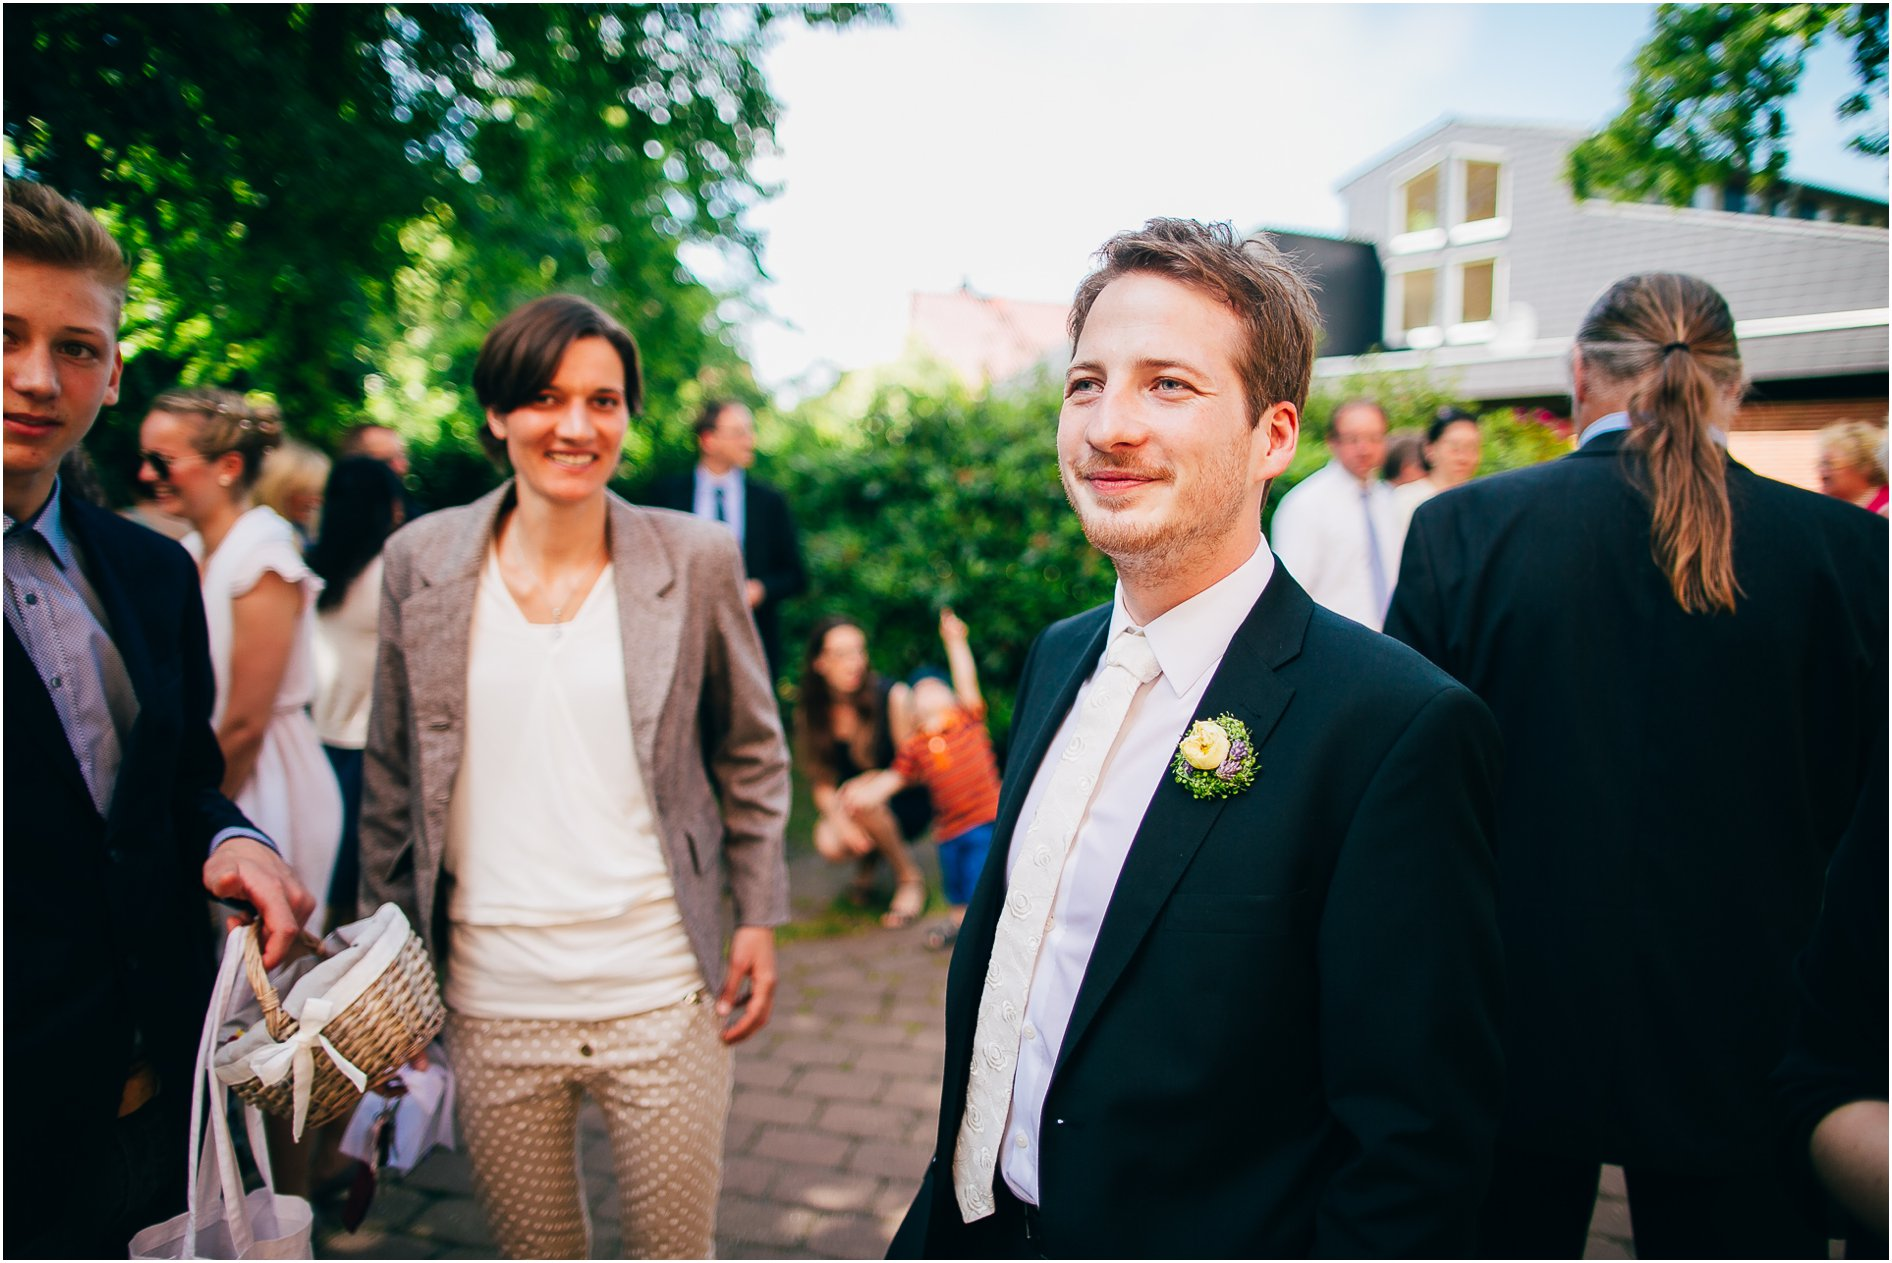 2014-08-07_0034 Wiebke und Marcio - Hochzeitsfotograf in Lüneburg